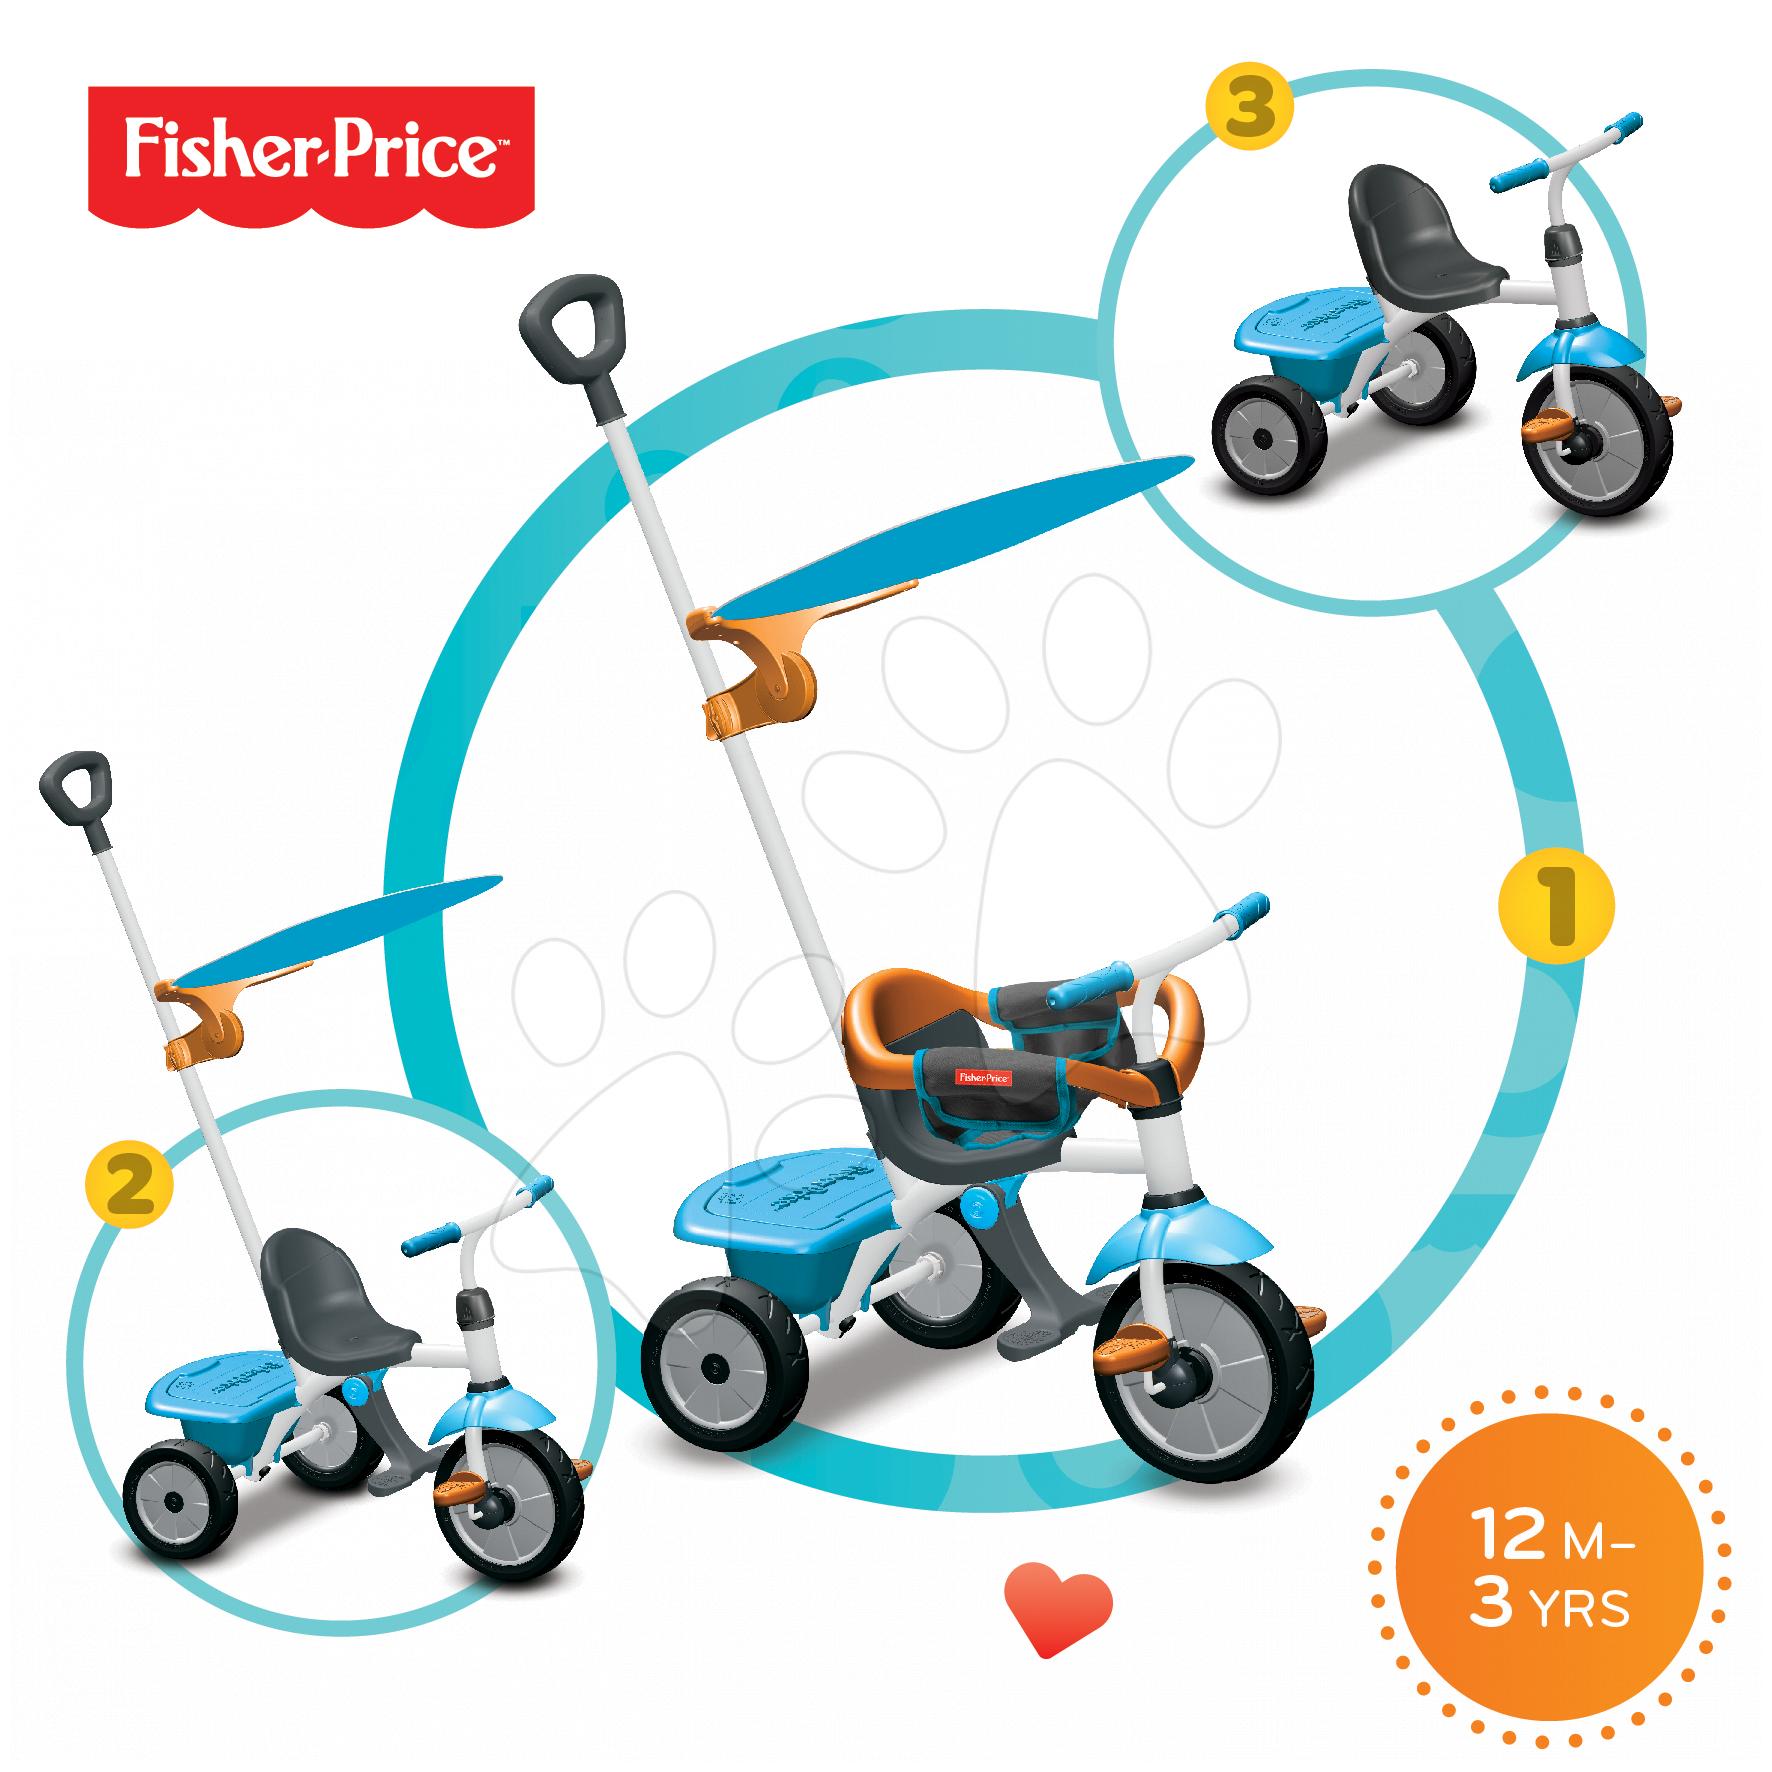 Trojkolky od 10 mesiacov - Trojkolka Fisher-Price Jolly Plus smarTrike modro-oranžová od 12 mes